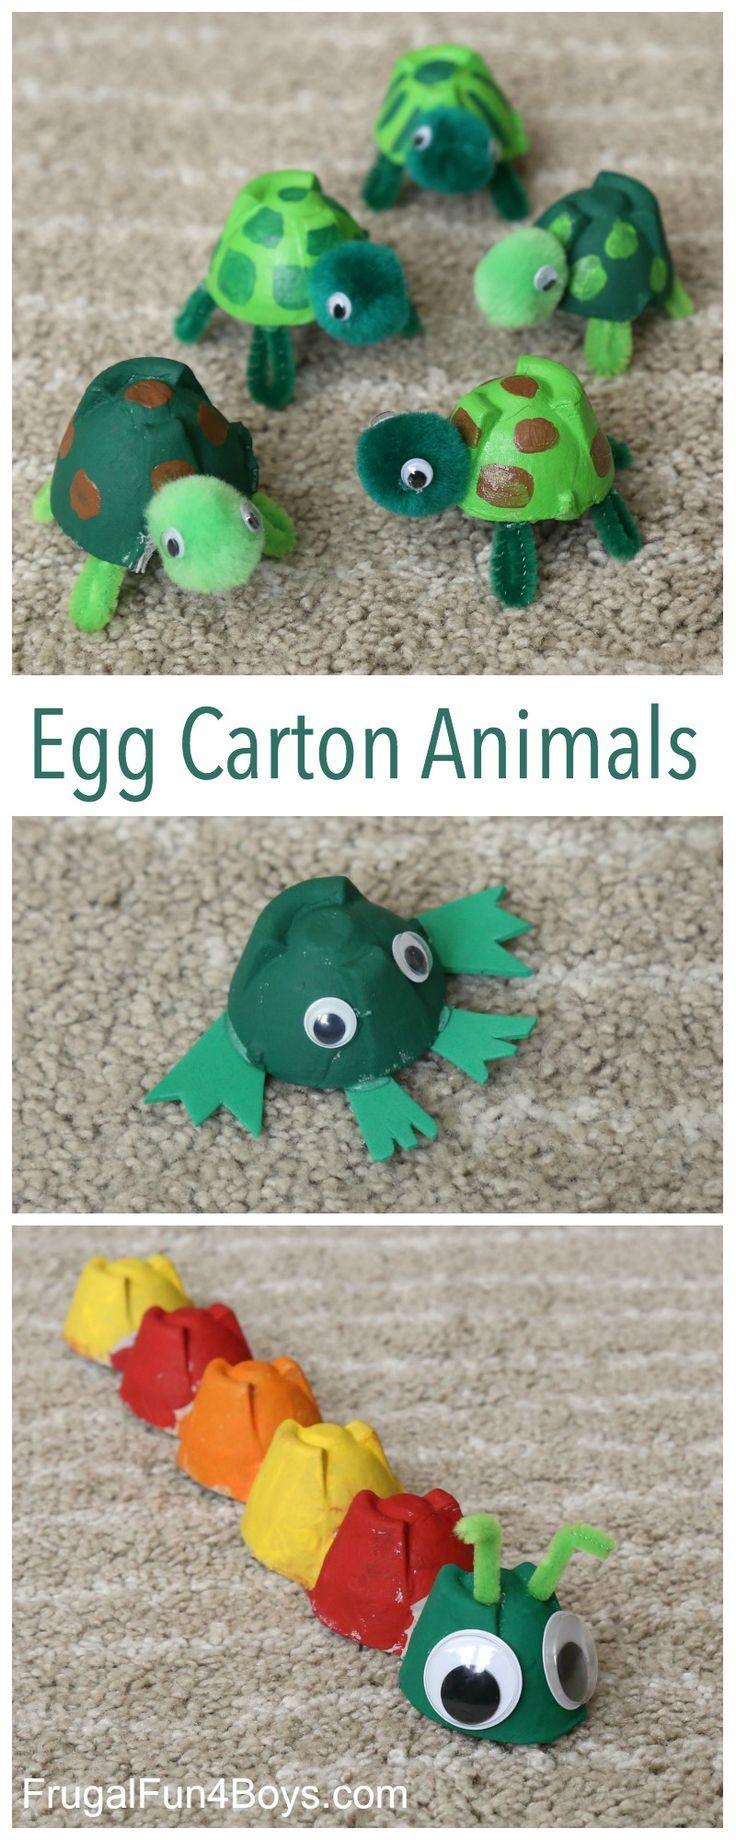 Die sind so süß, eigentlich müsste man sie sofort vernaschen :) Egg Carton Animal Crafts - Make turtles, frogs, and caterpillars! Fun project for kids.